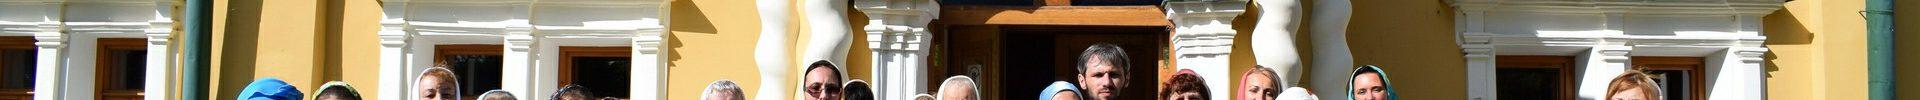 Дети и прихожане Преображенского храма деревни Спас-Каменка посетили Троице-Сергиеву Лавру